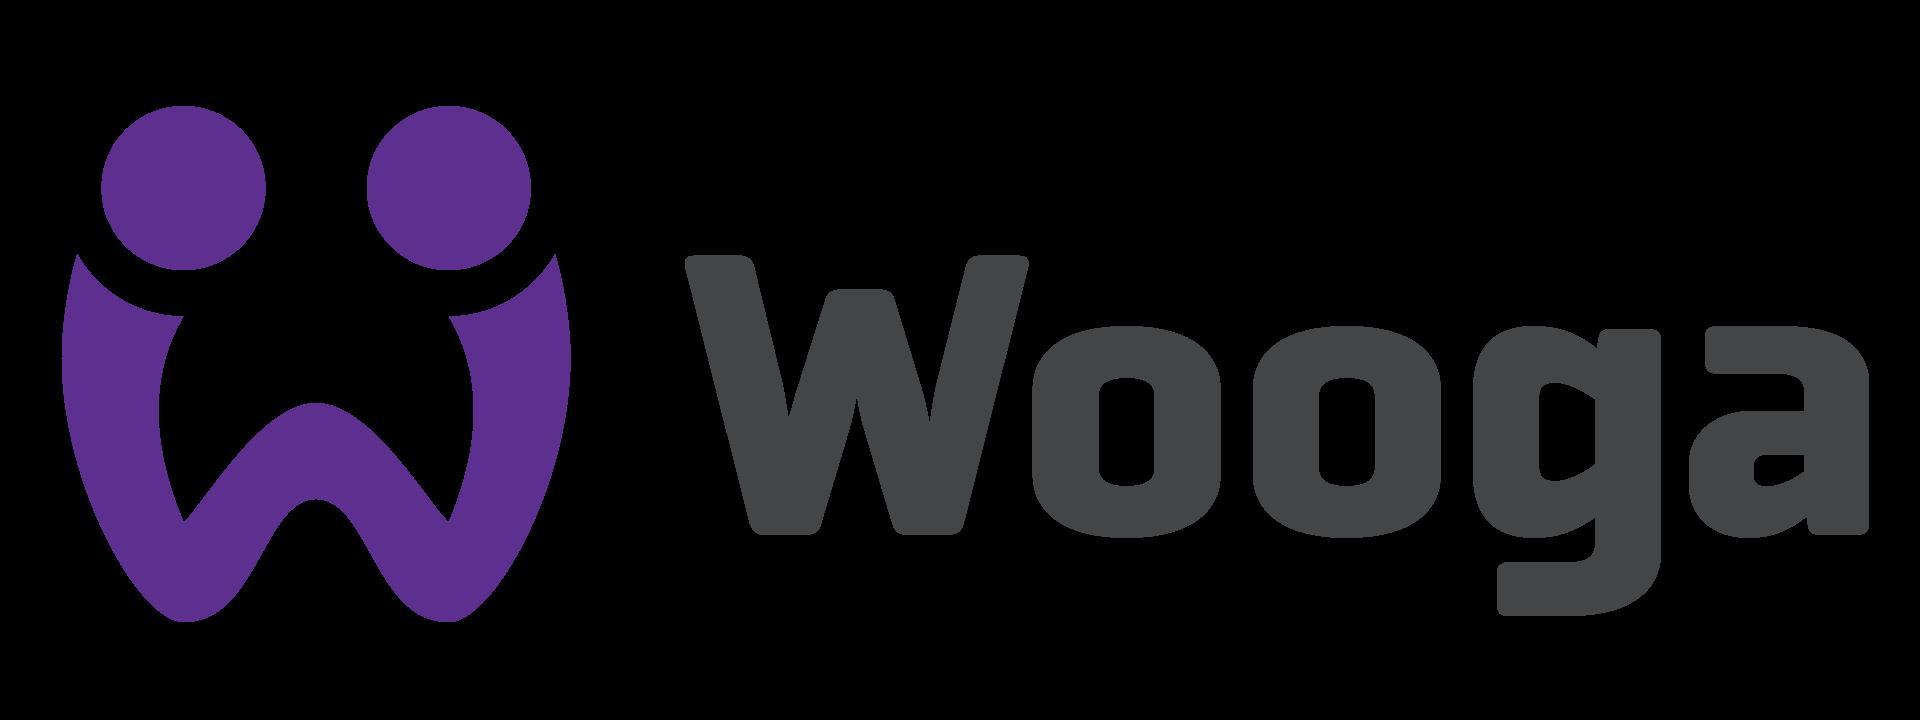 wooga_logo.png